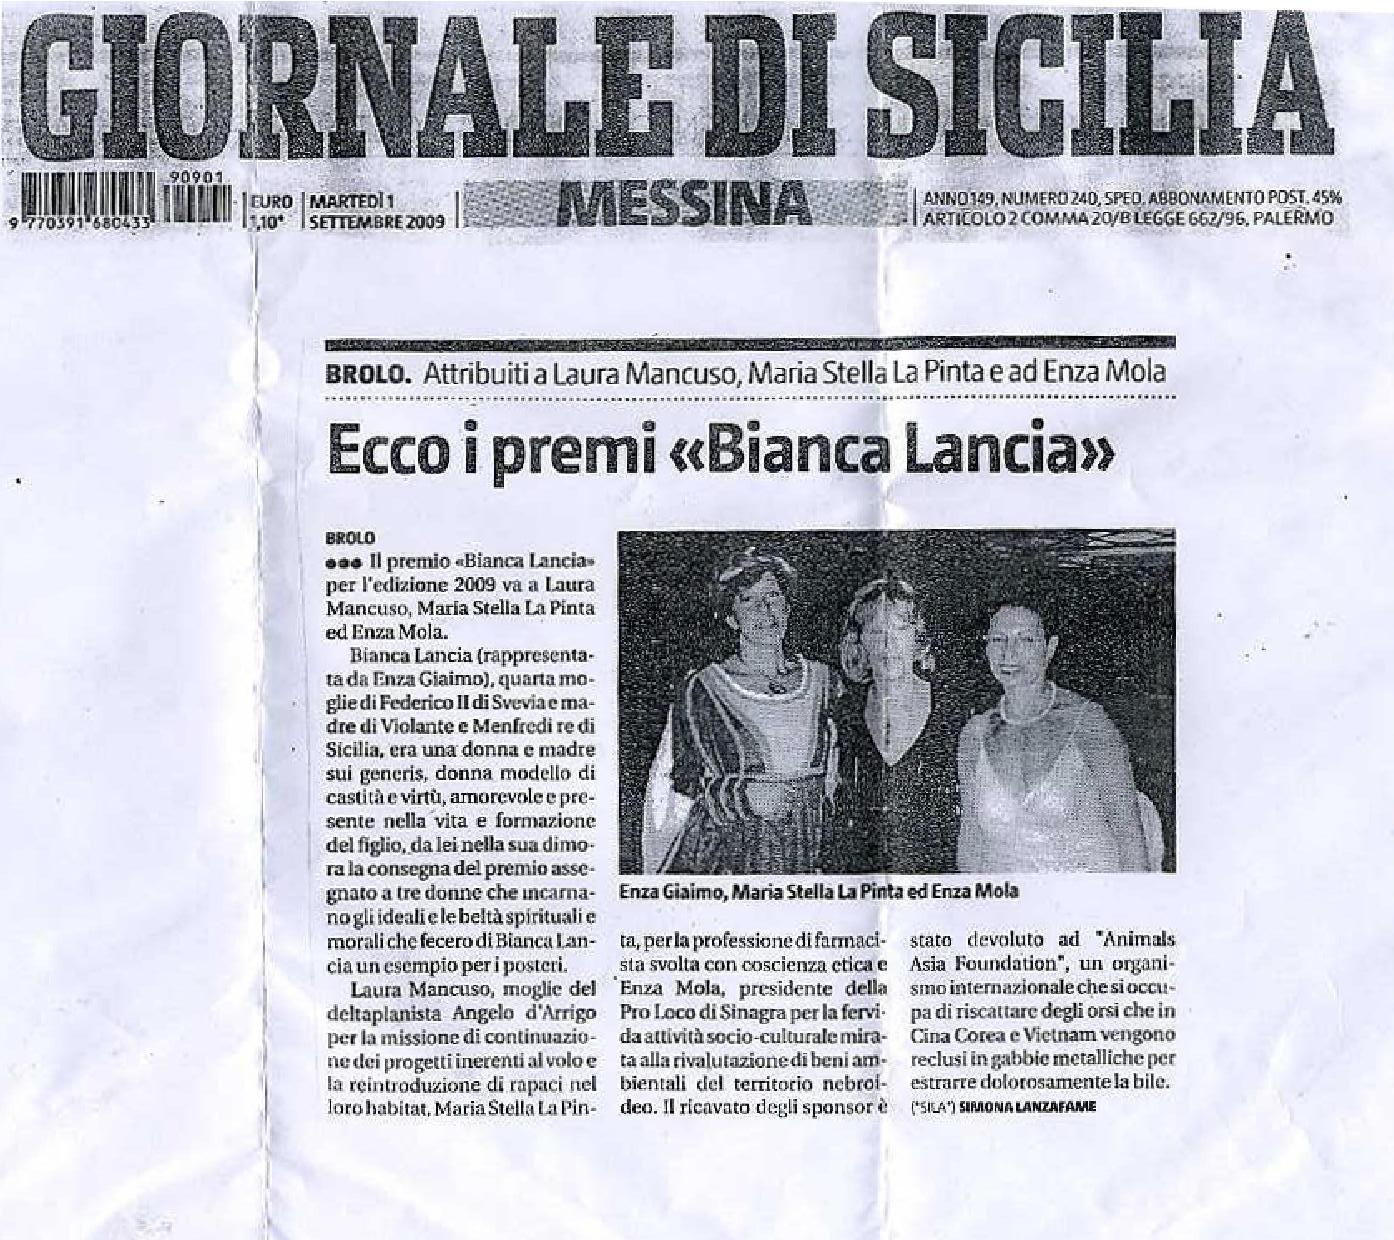 Giornale di Sicilia 1 09 2009